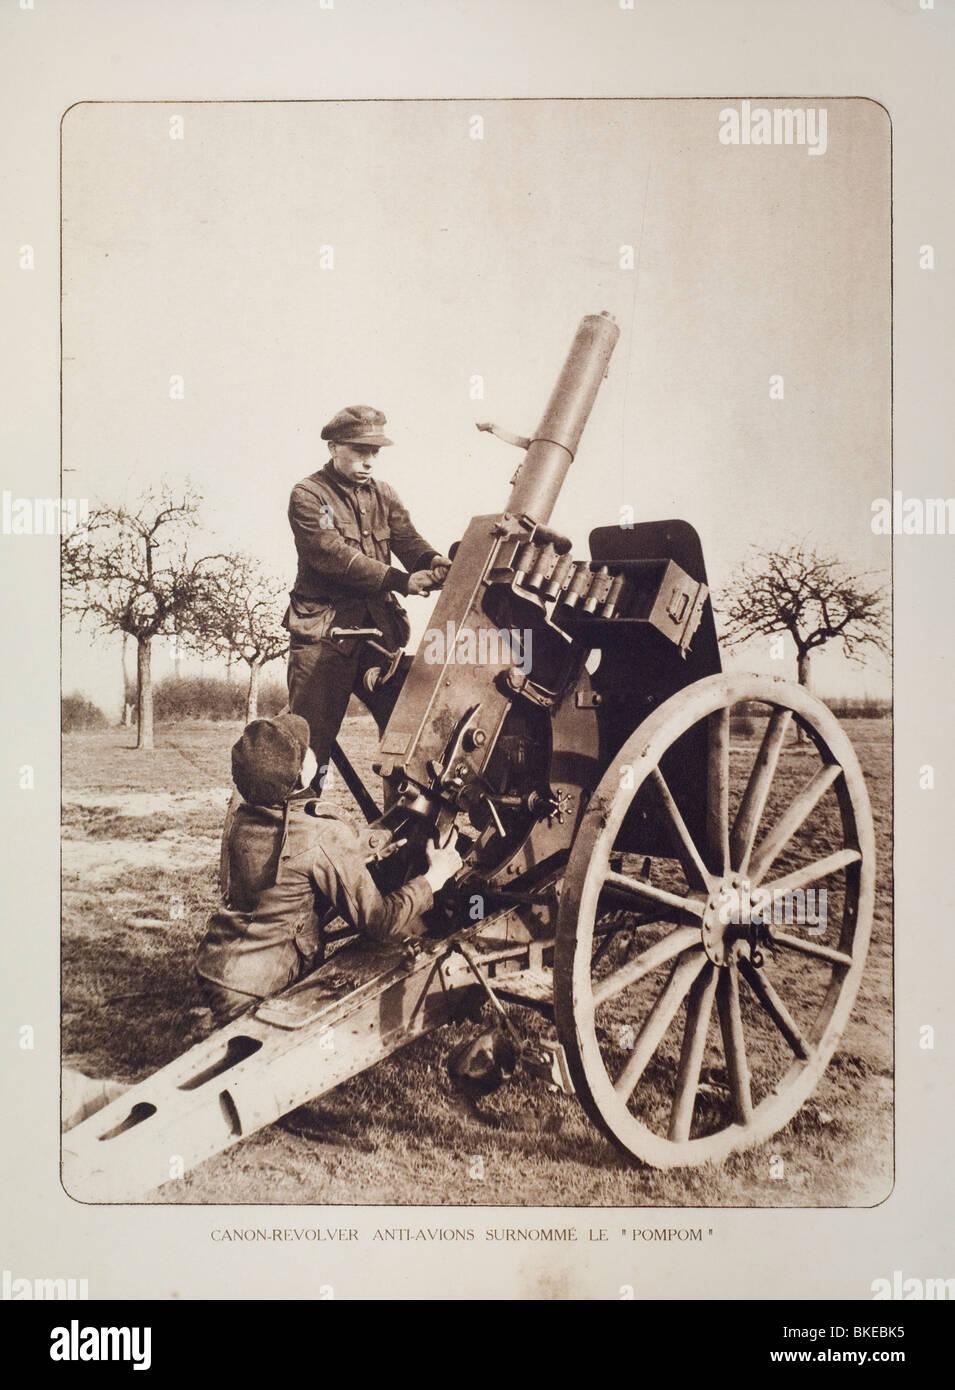 artillery and machine guns ww1